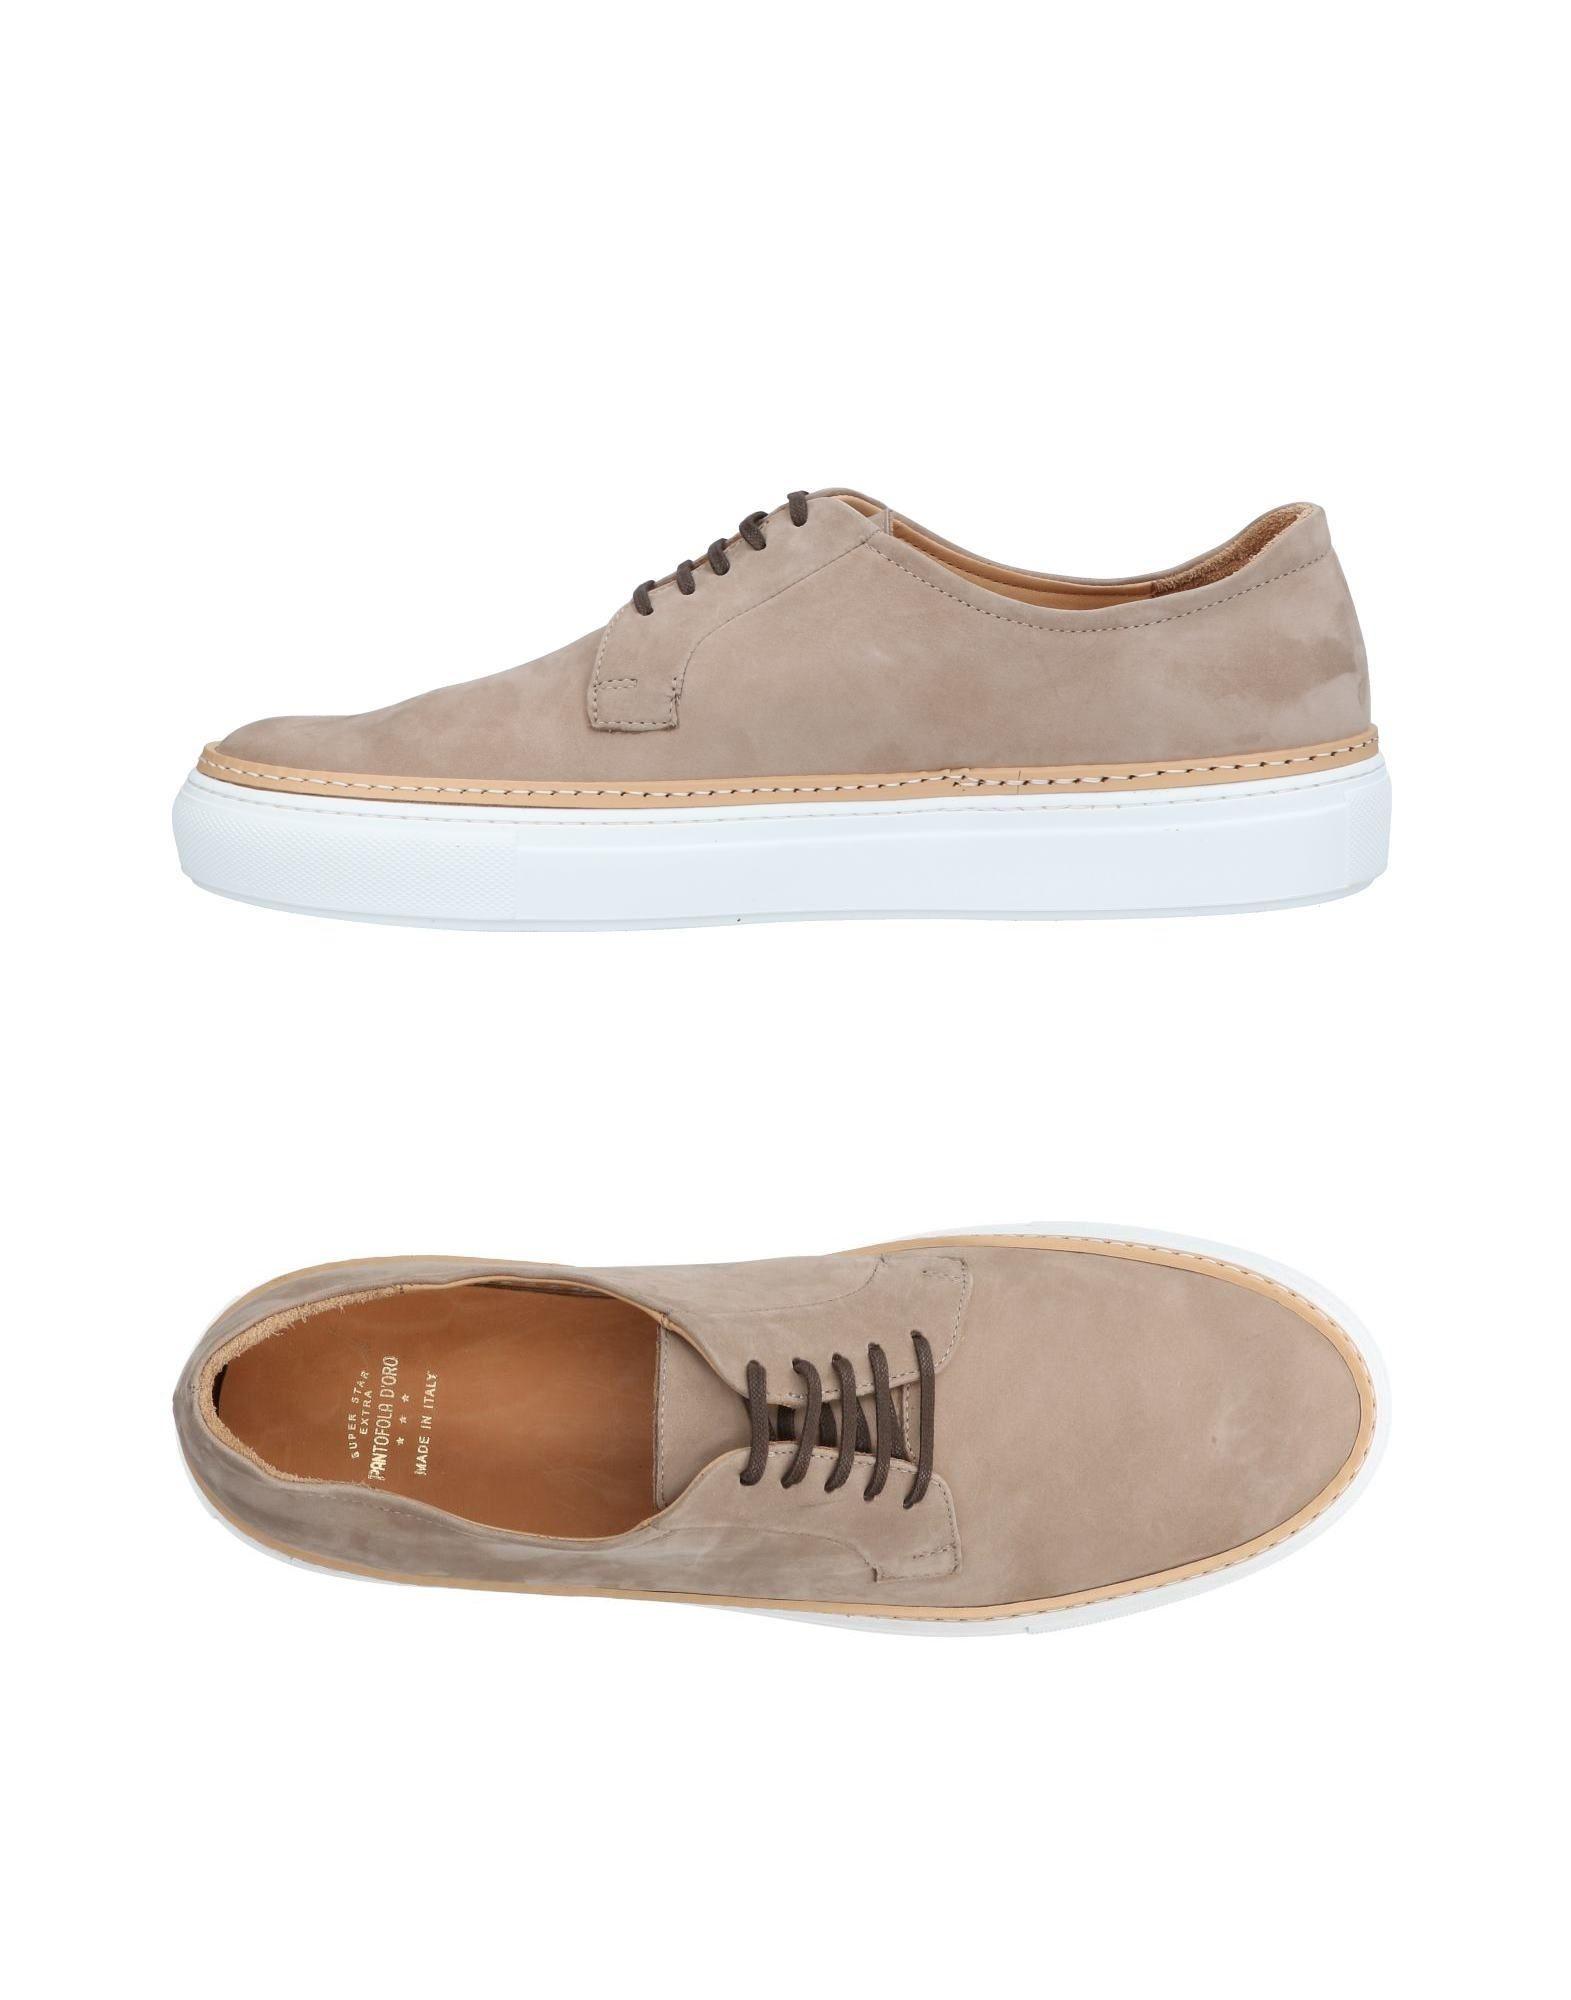 Rabatt echte Schuhe Pantofola D'oro Schnürschuhe Herren  11455571FN